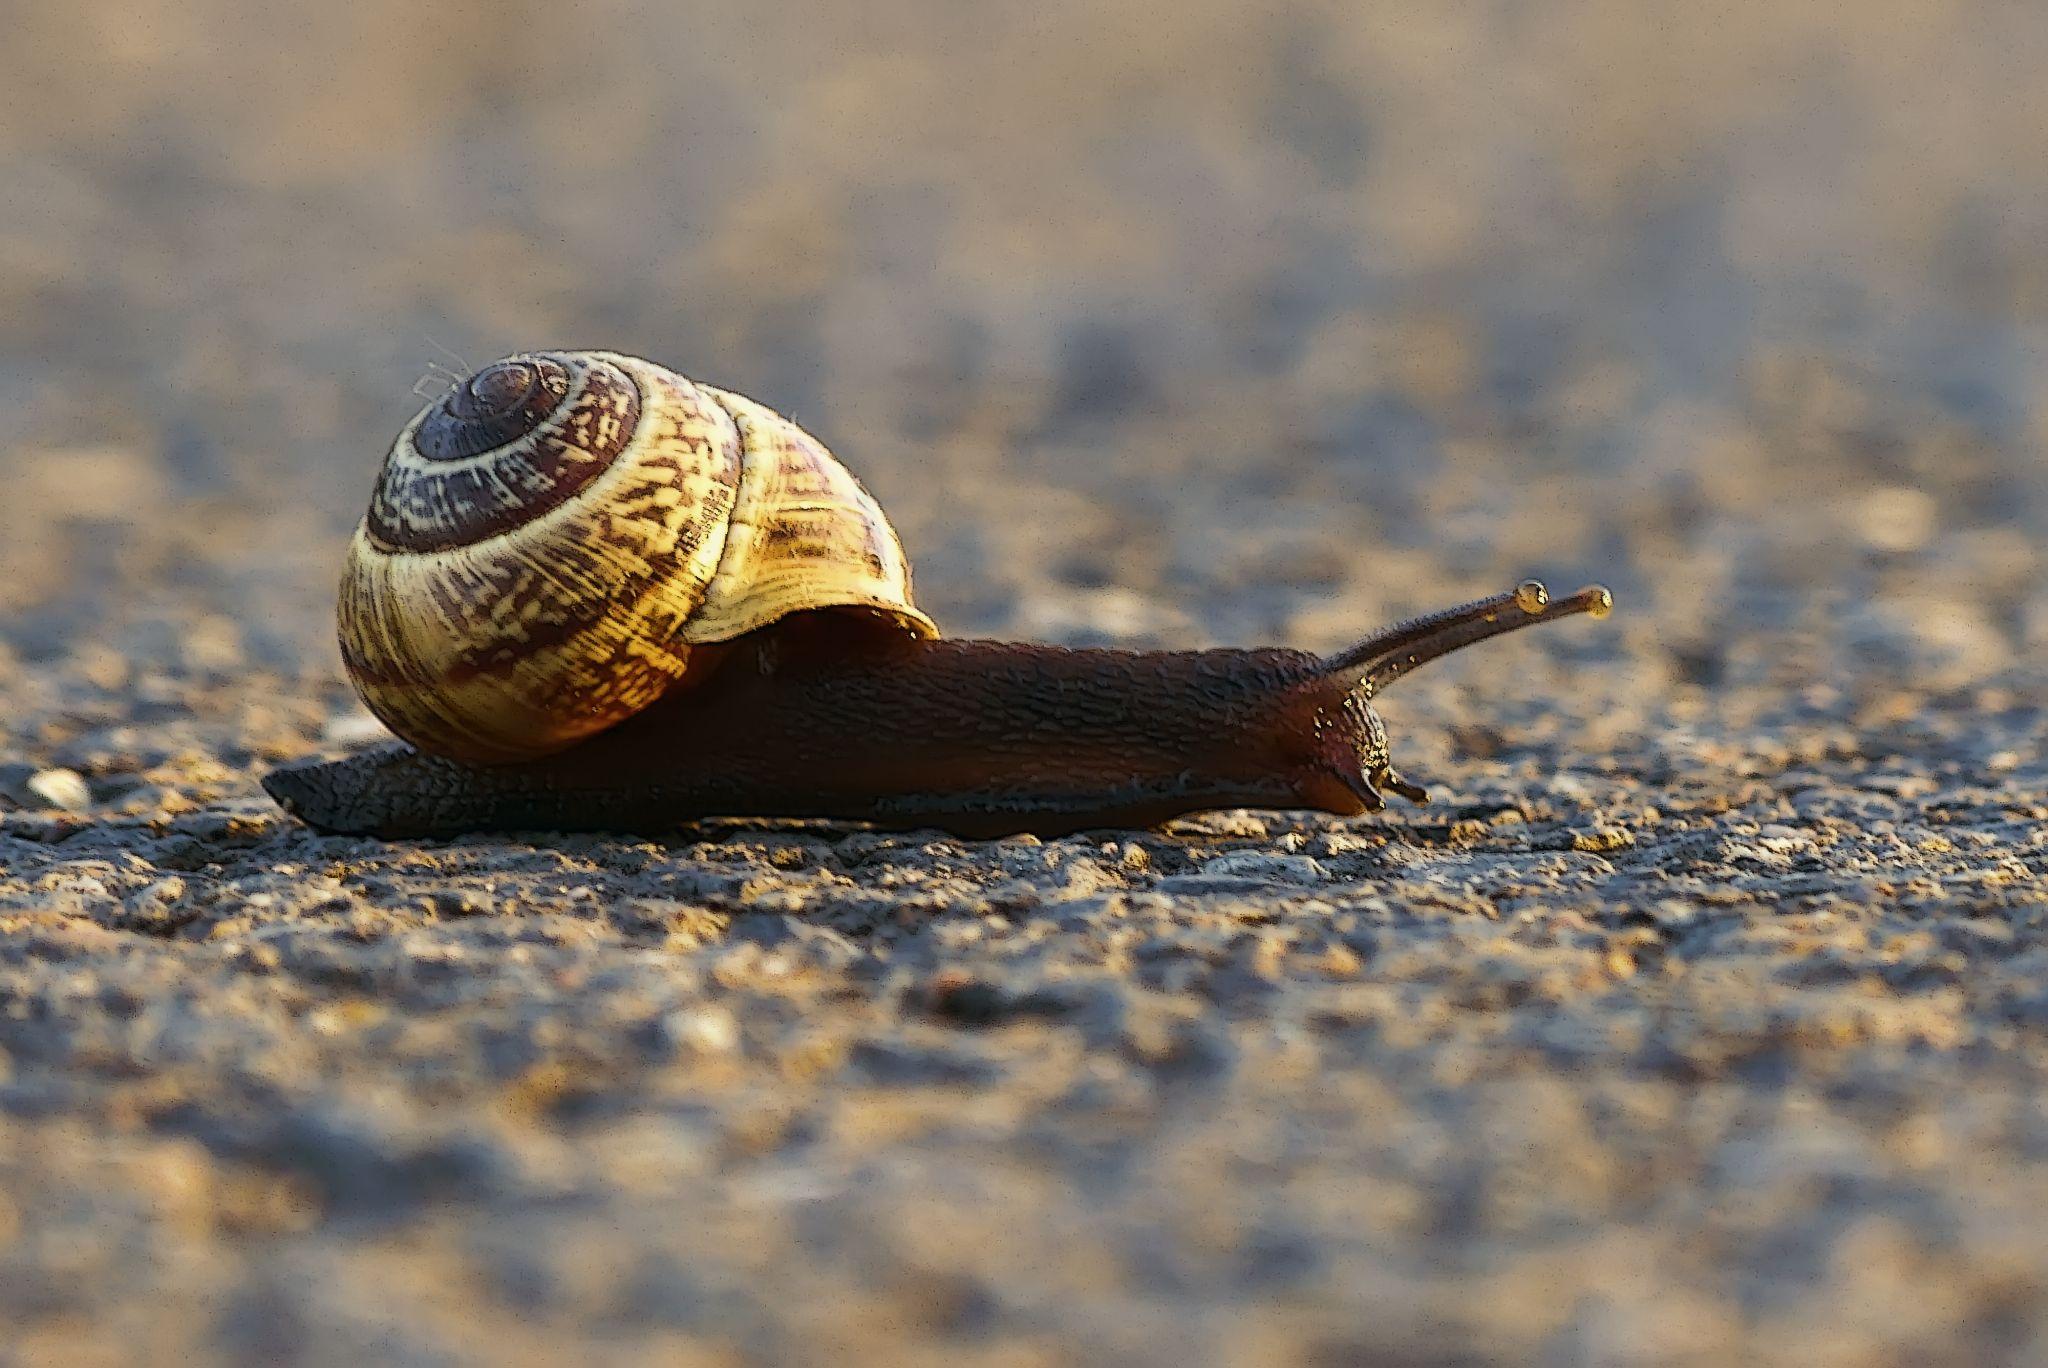 Snail at summer evening by Julian Nolte